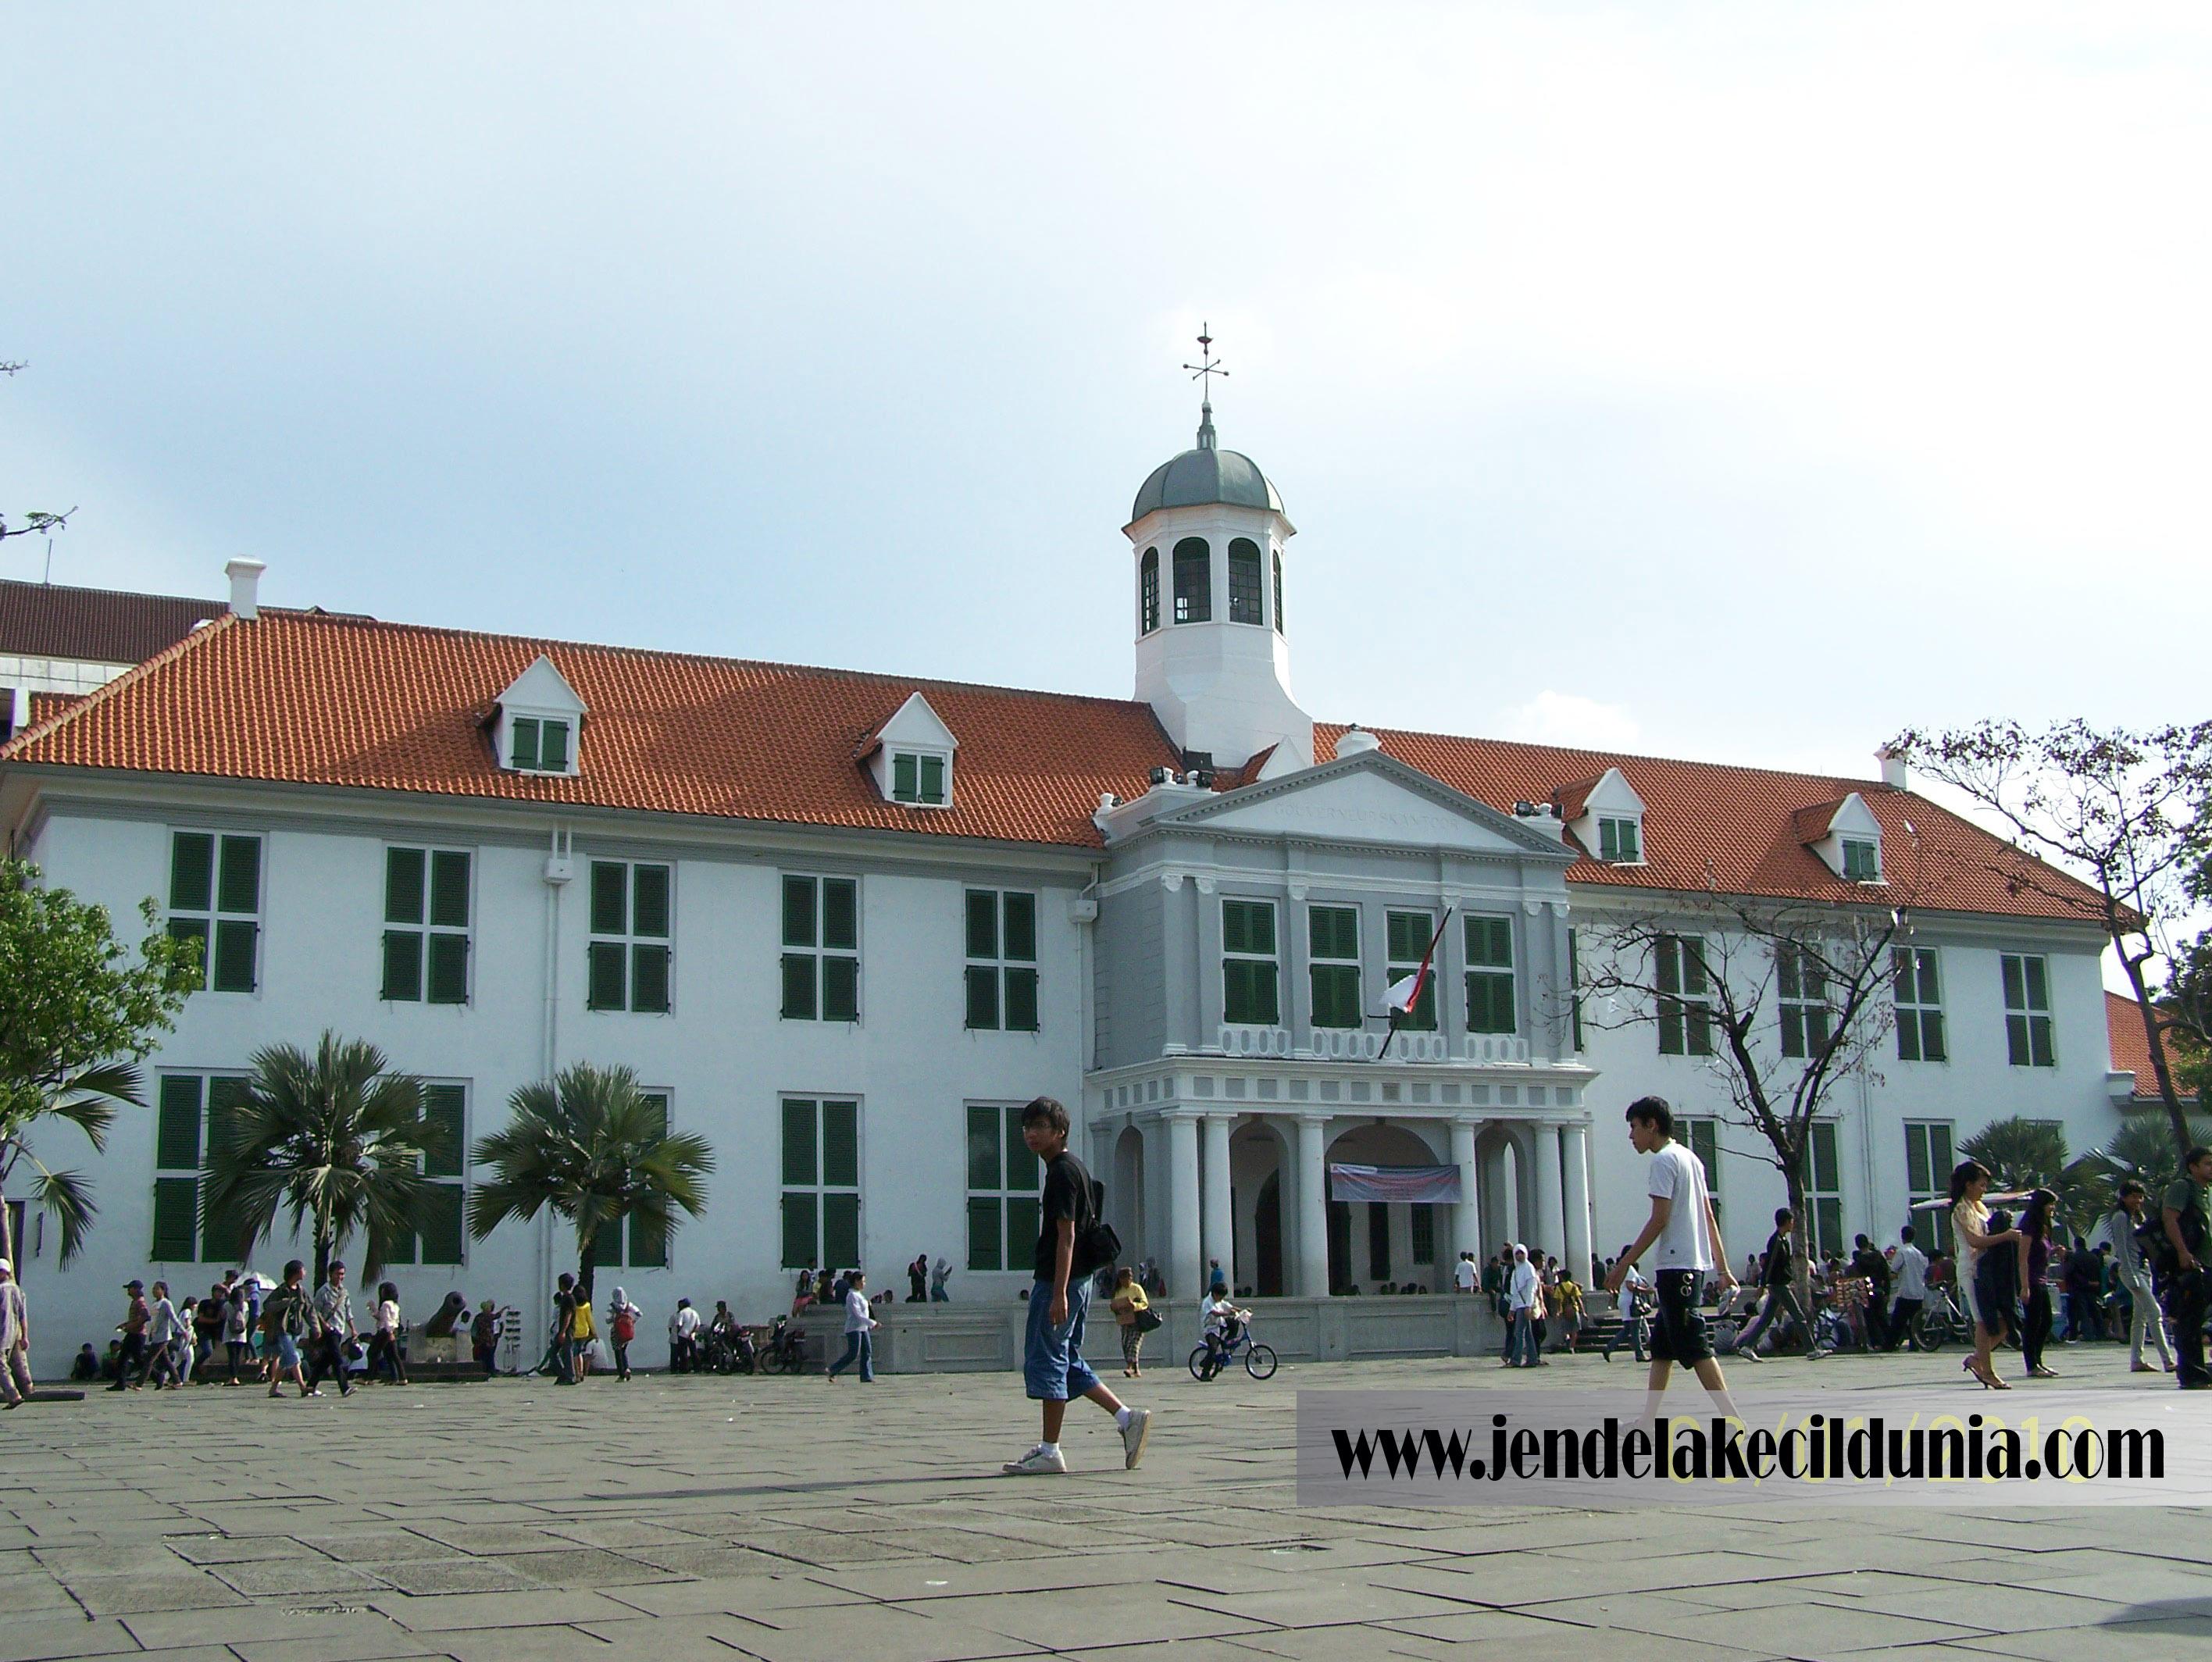 Jakarta Jendela Kecil Dunia Mendengar Kata Kota Tua Langsung Terbayang